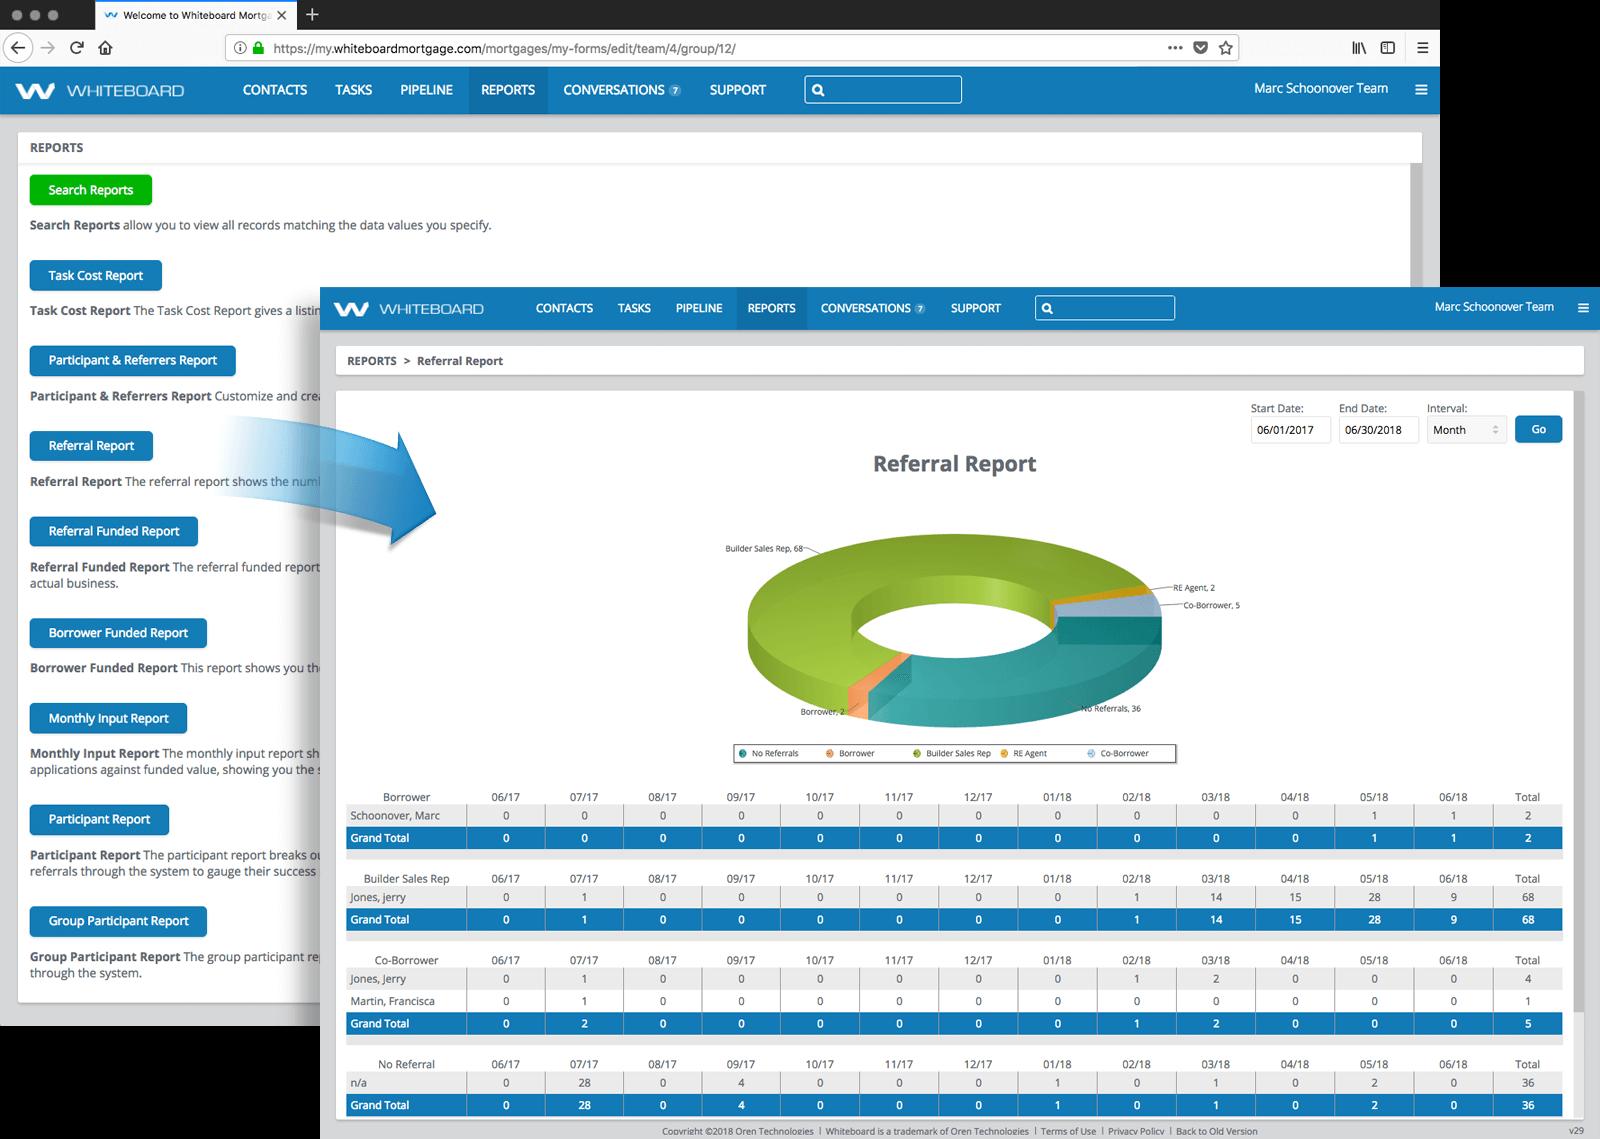 WBM_reports-and-analytics-1